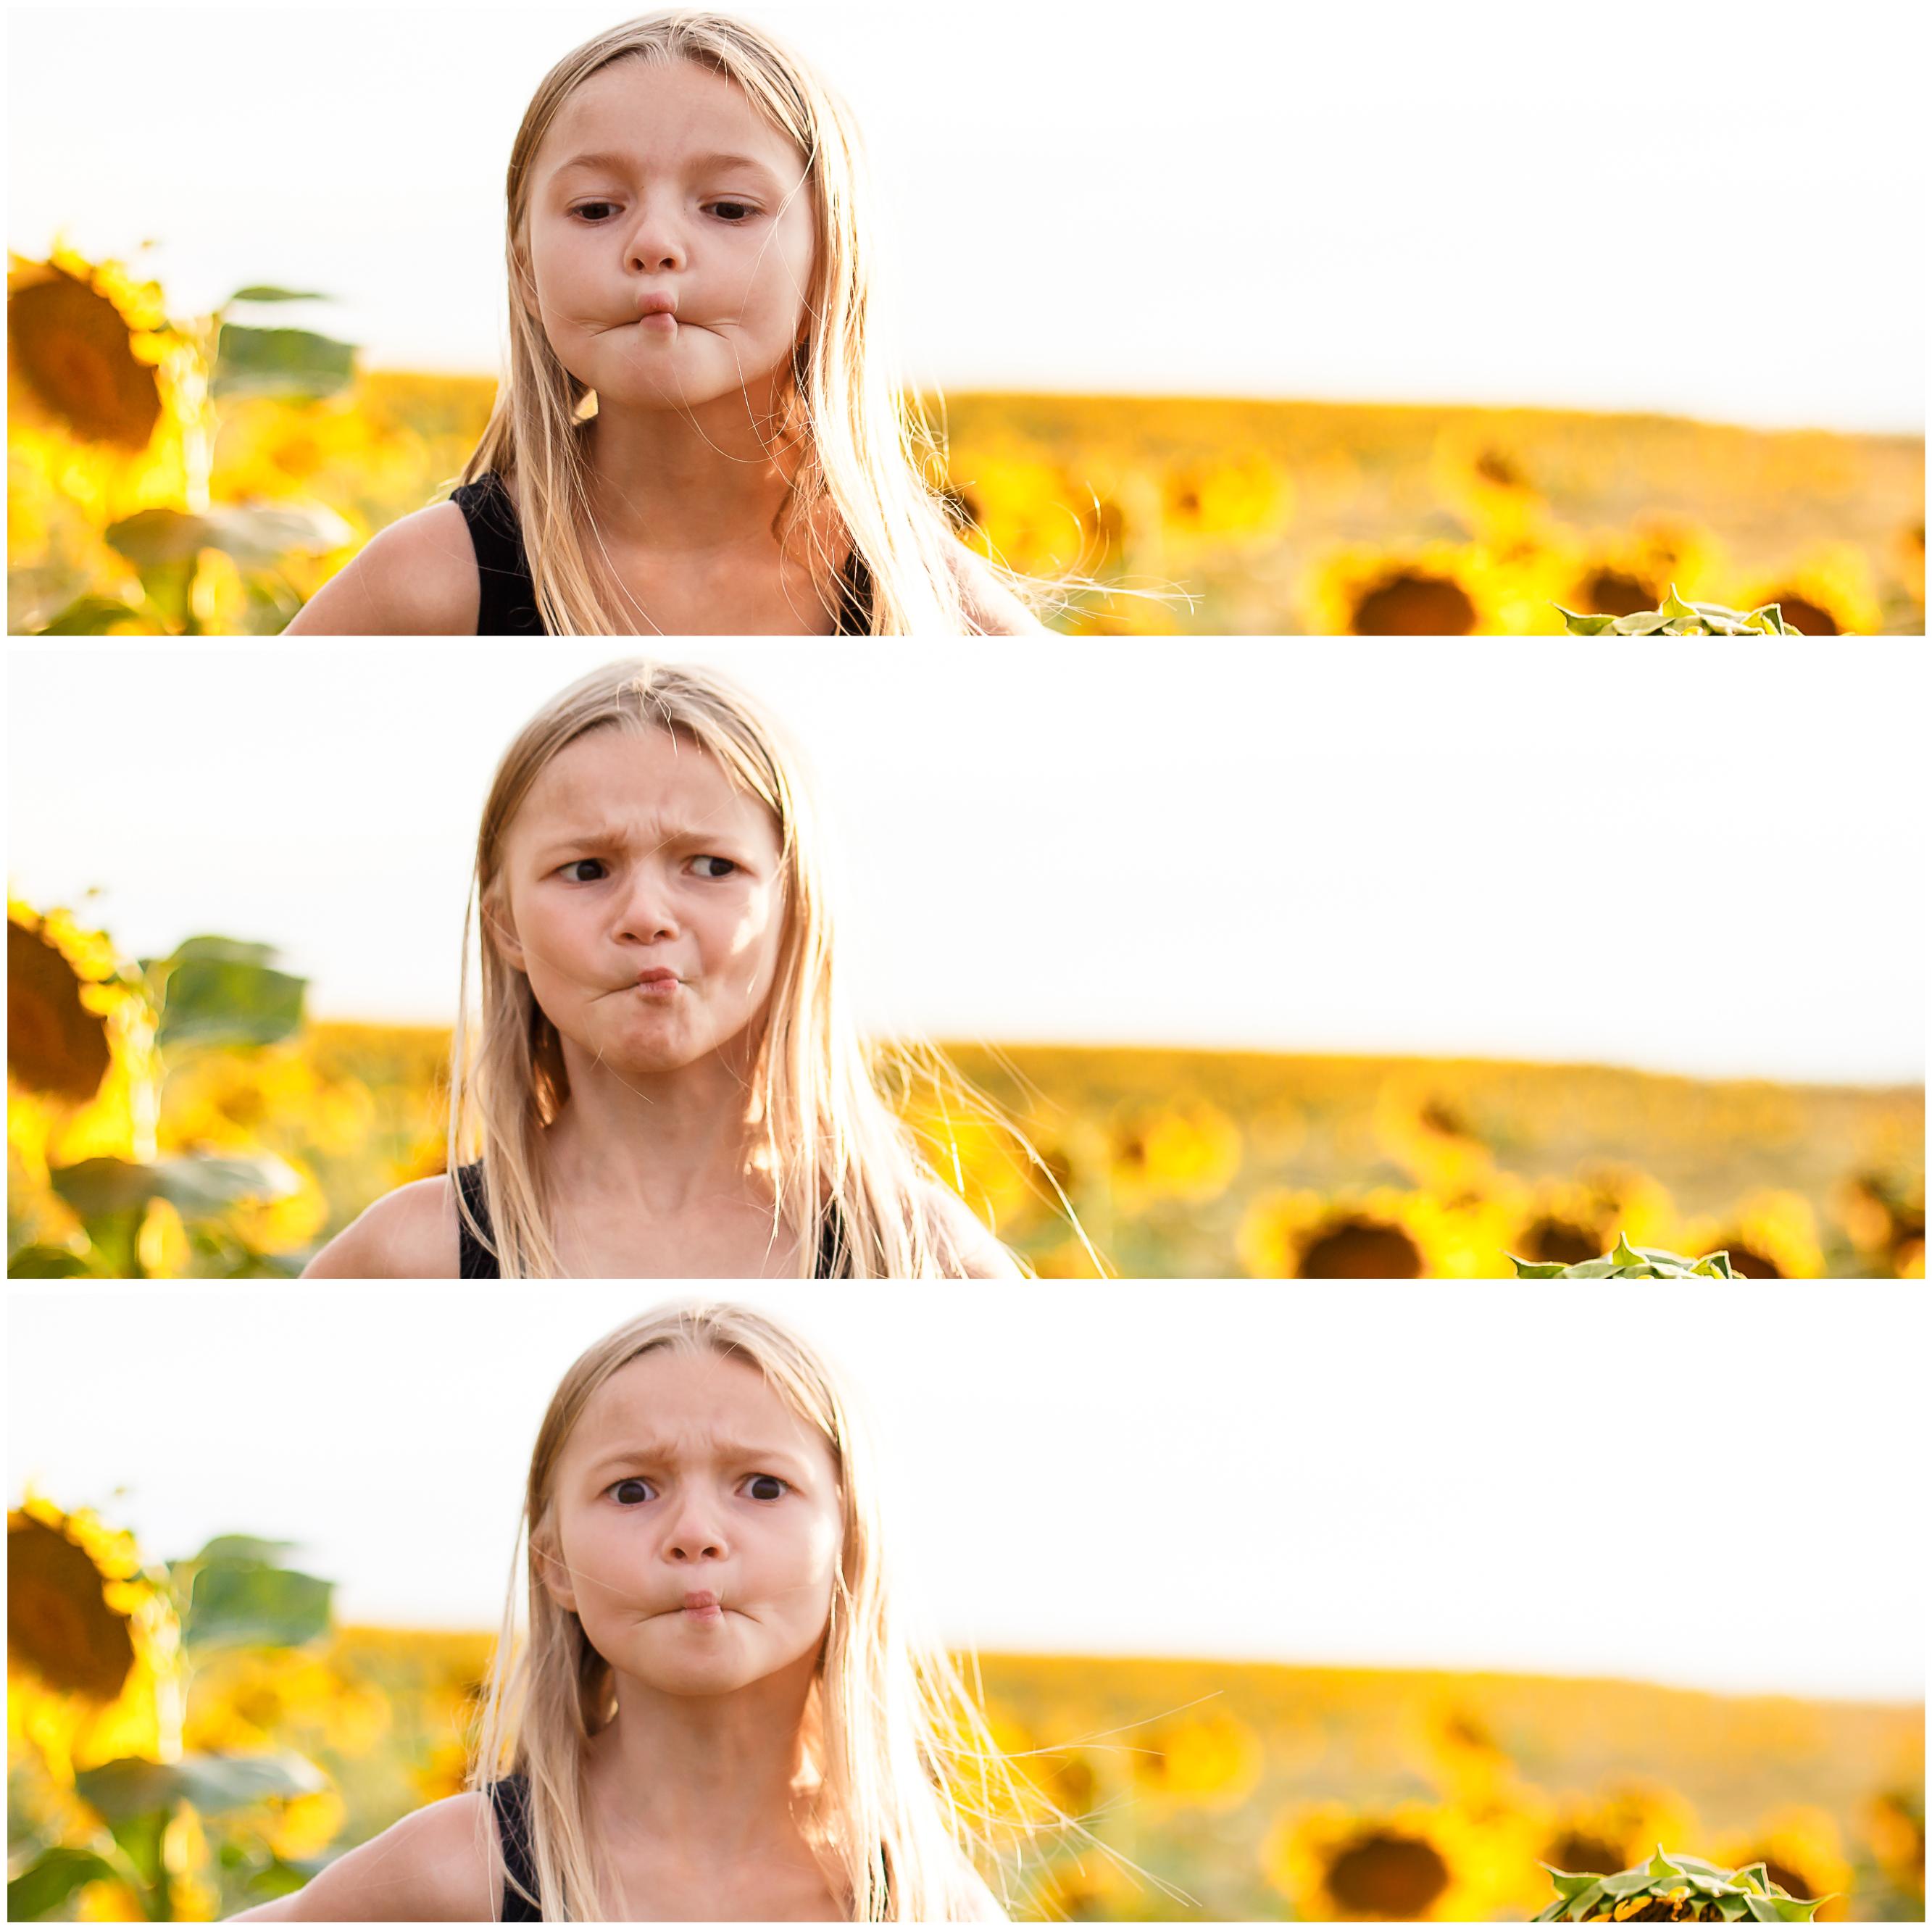 sunflower-photos-1